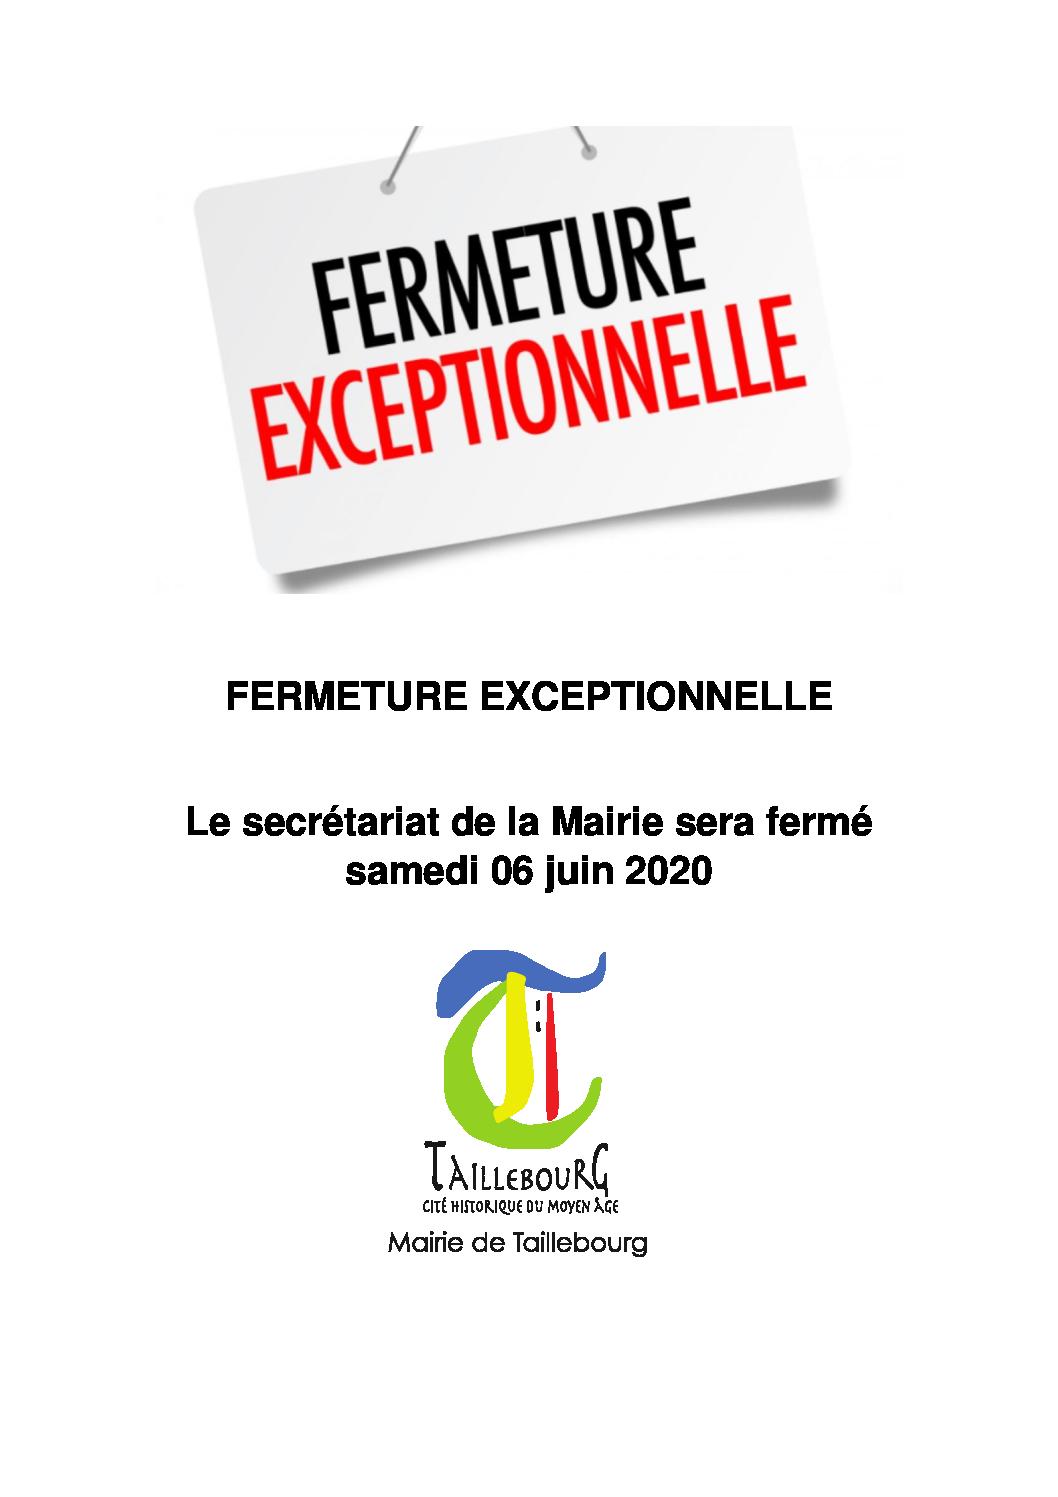 FERMETURE EXCEPTIONNELLE 06-06-2020